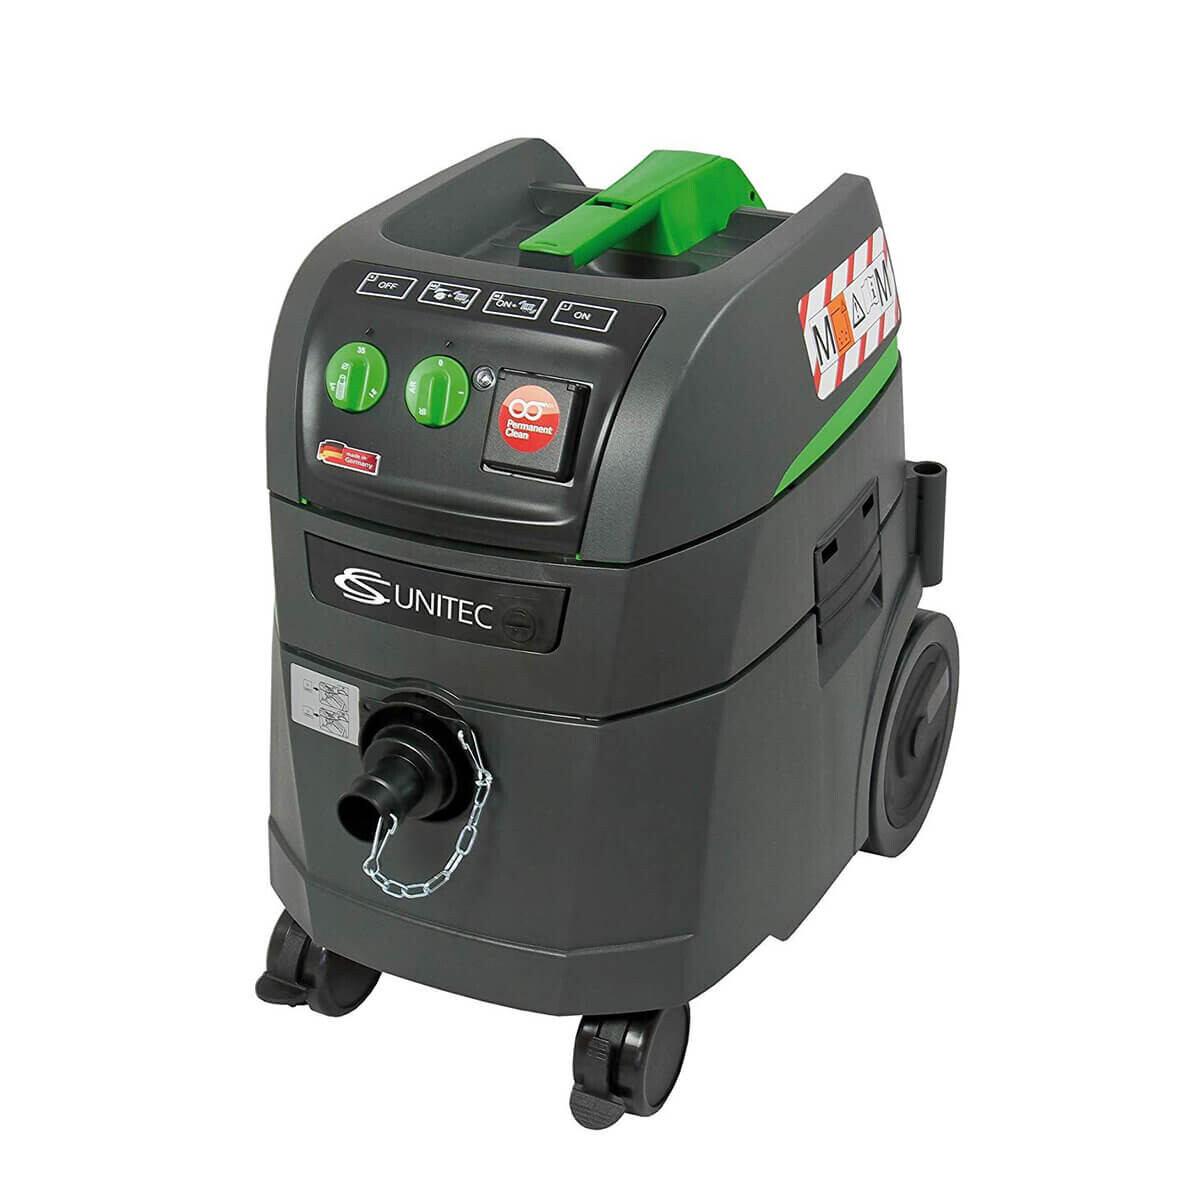 CS Unitec CS1445H HEPA Wet/Dry Vacuum Cleaner